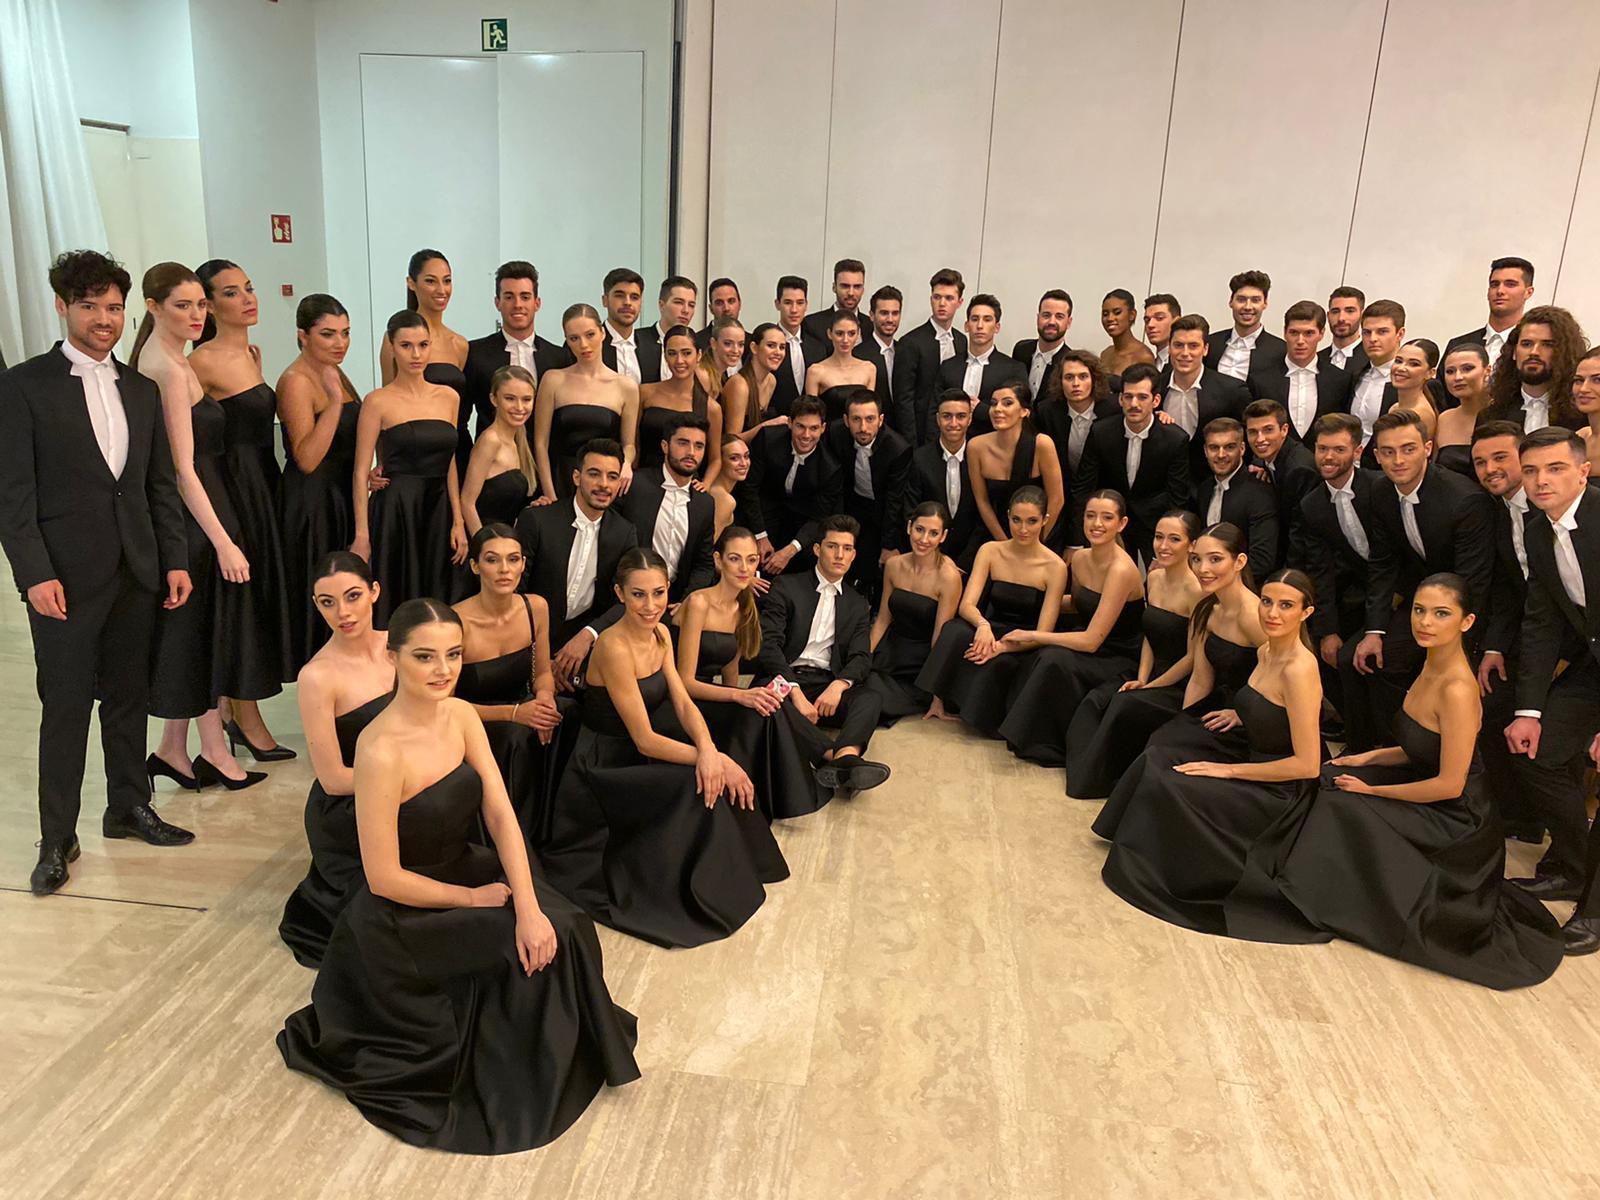 Certamen Miss y Míster España, foto de los participantes